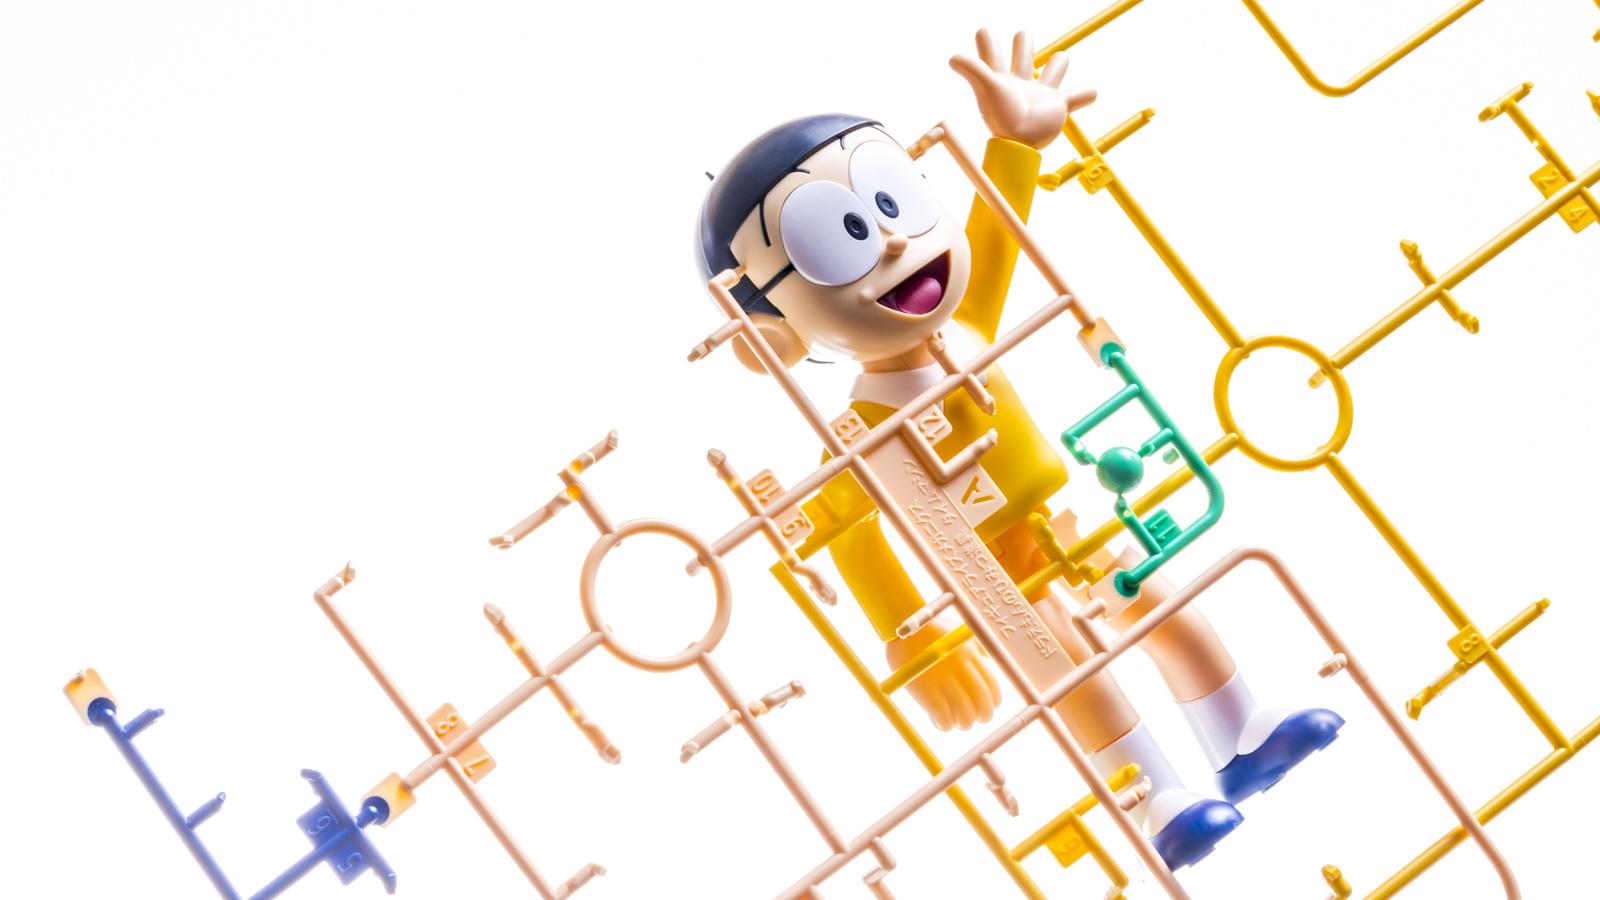 タイムマシンで動きを止められた「野比のび太のプラモデル」の話_b0029315_00145781.jpg